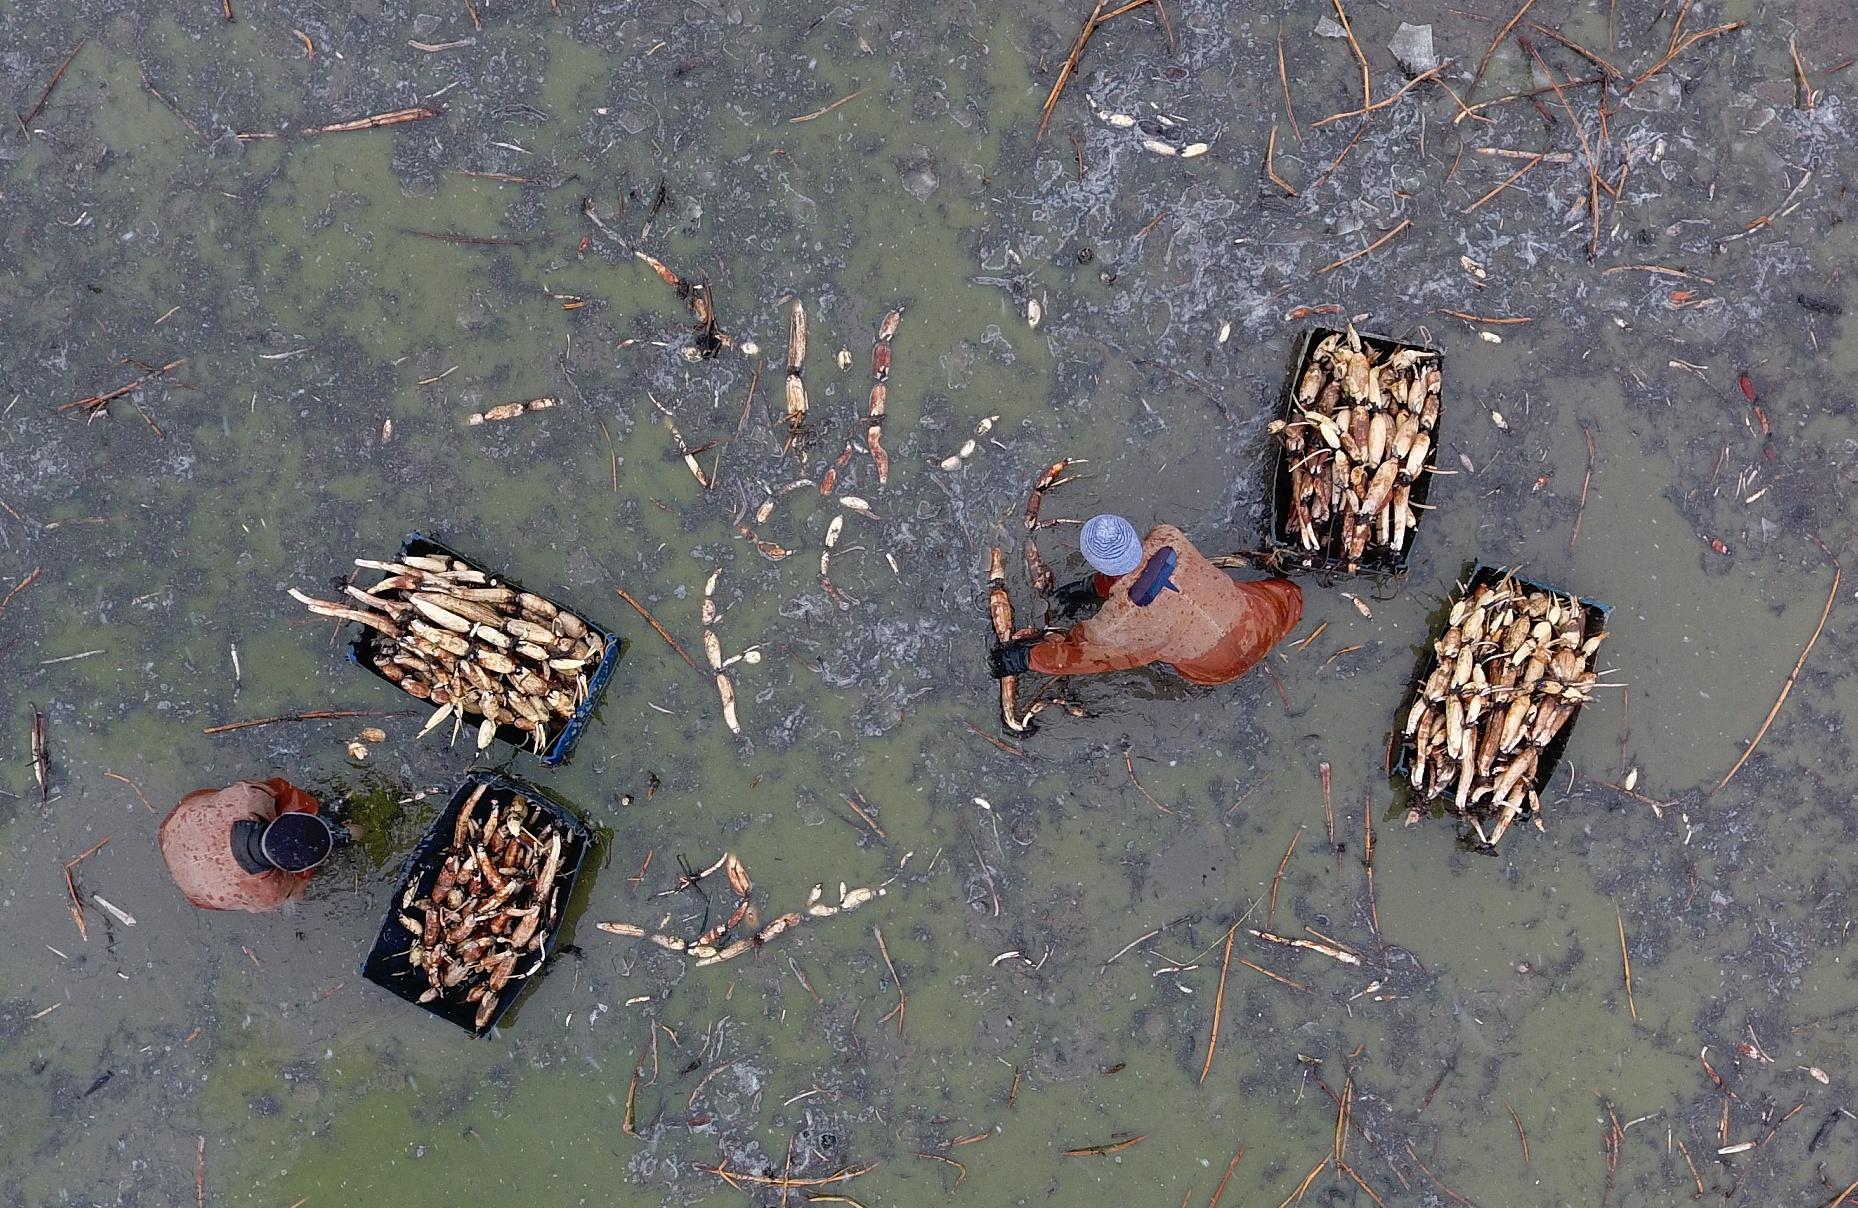 寒彻骨!青岛冬季挖藕人 每天花一两小时破冰